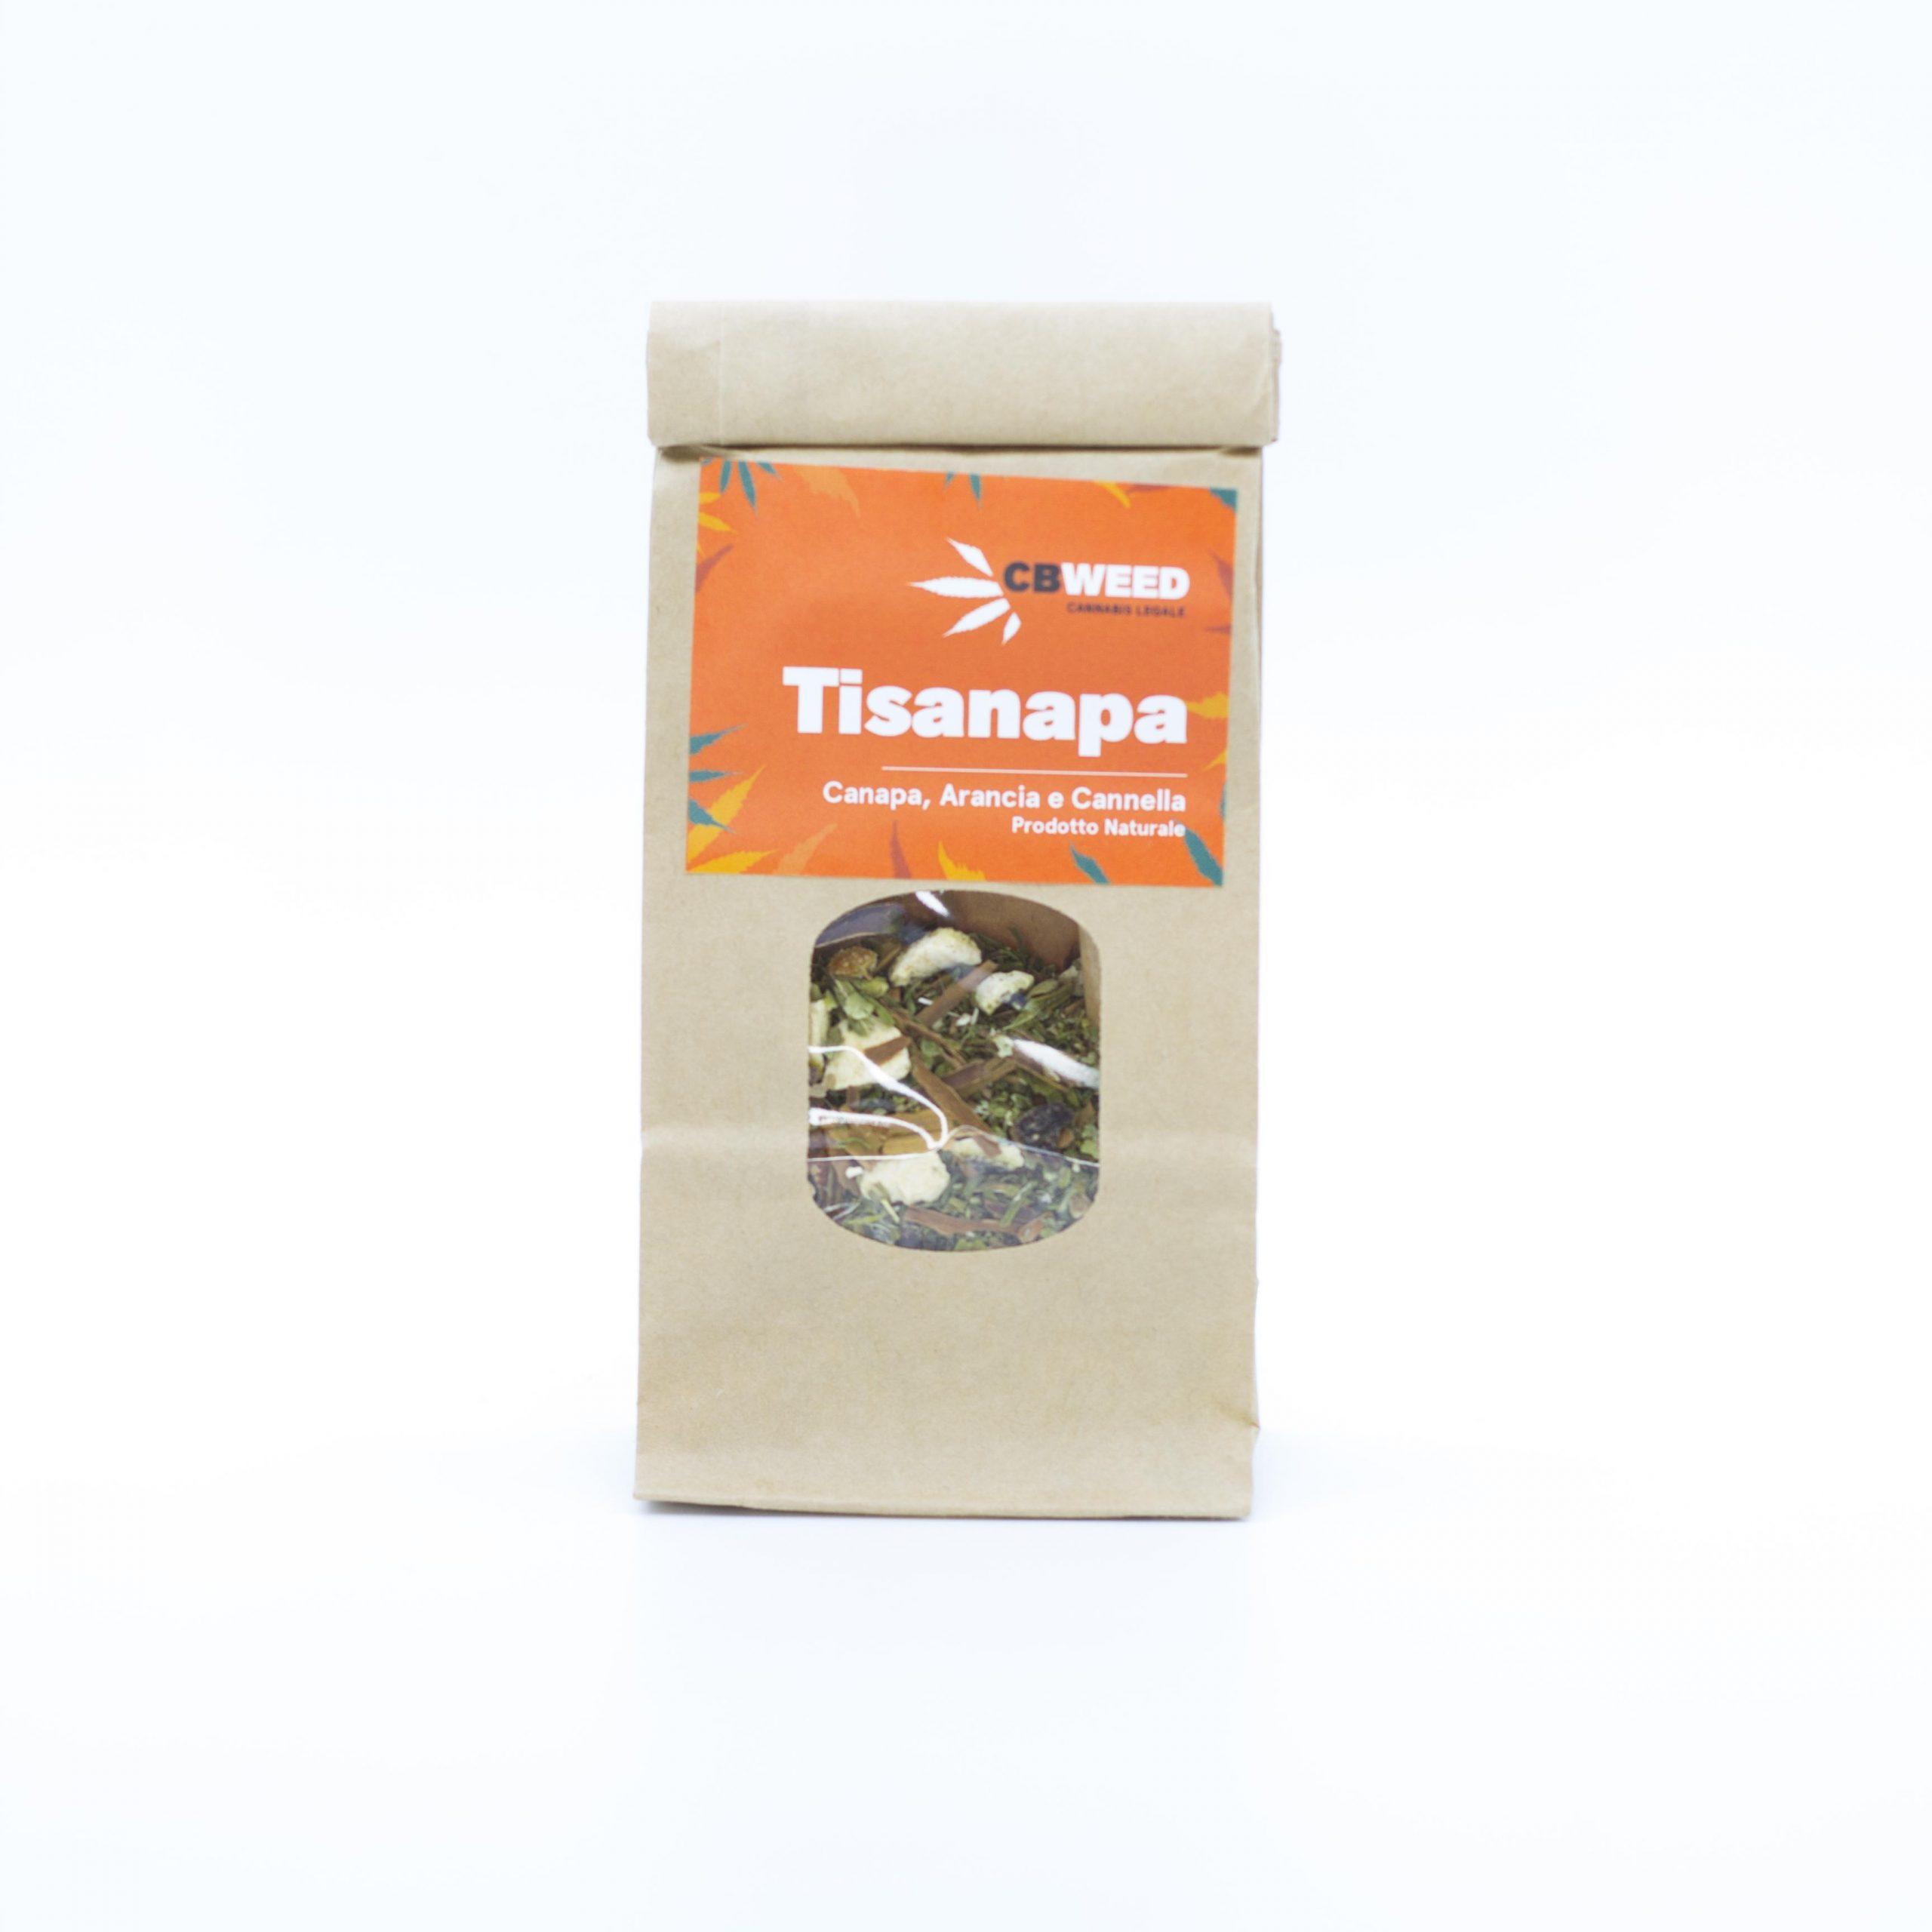 tisanapa arancia cannella A WEB scaled - Tisanapa - Arancia & Cannella